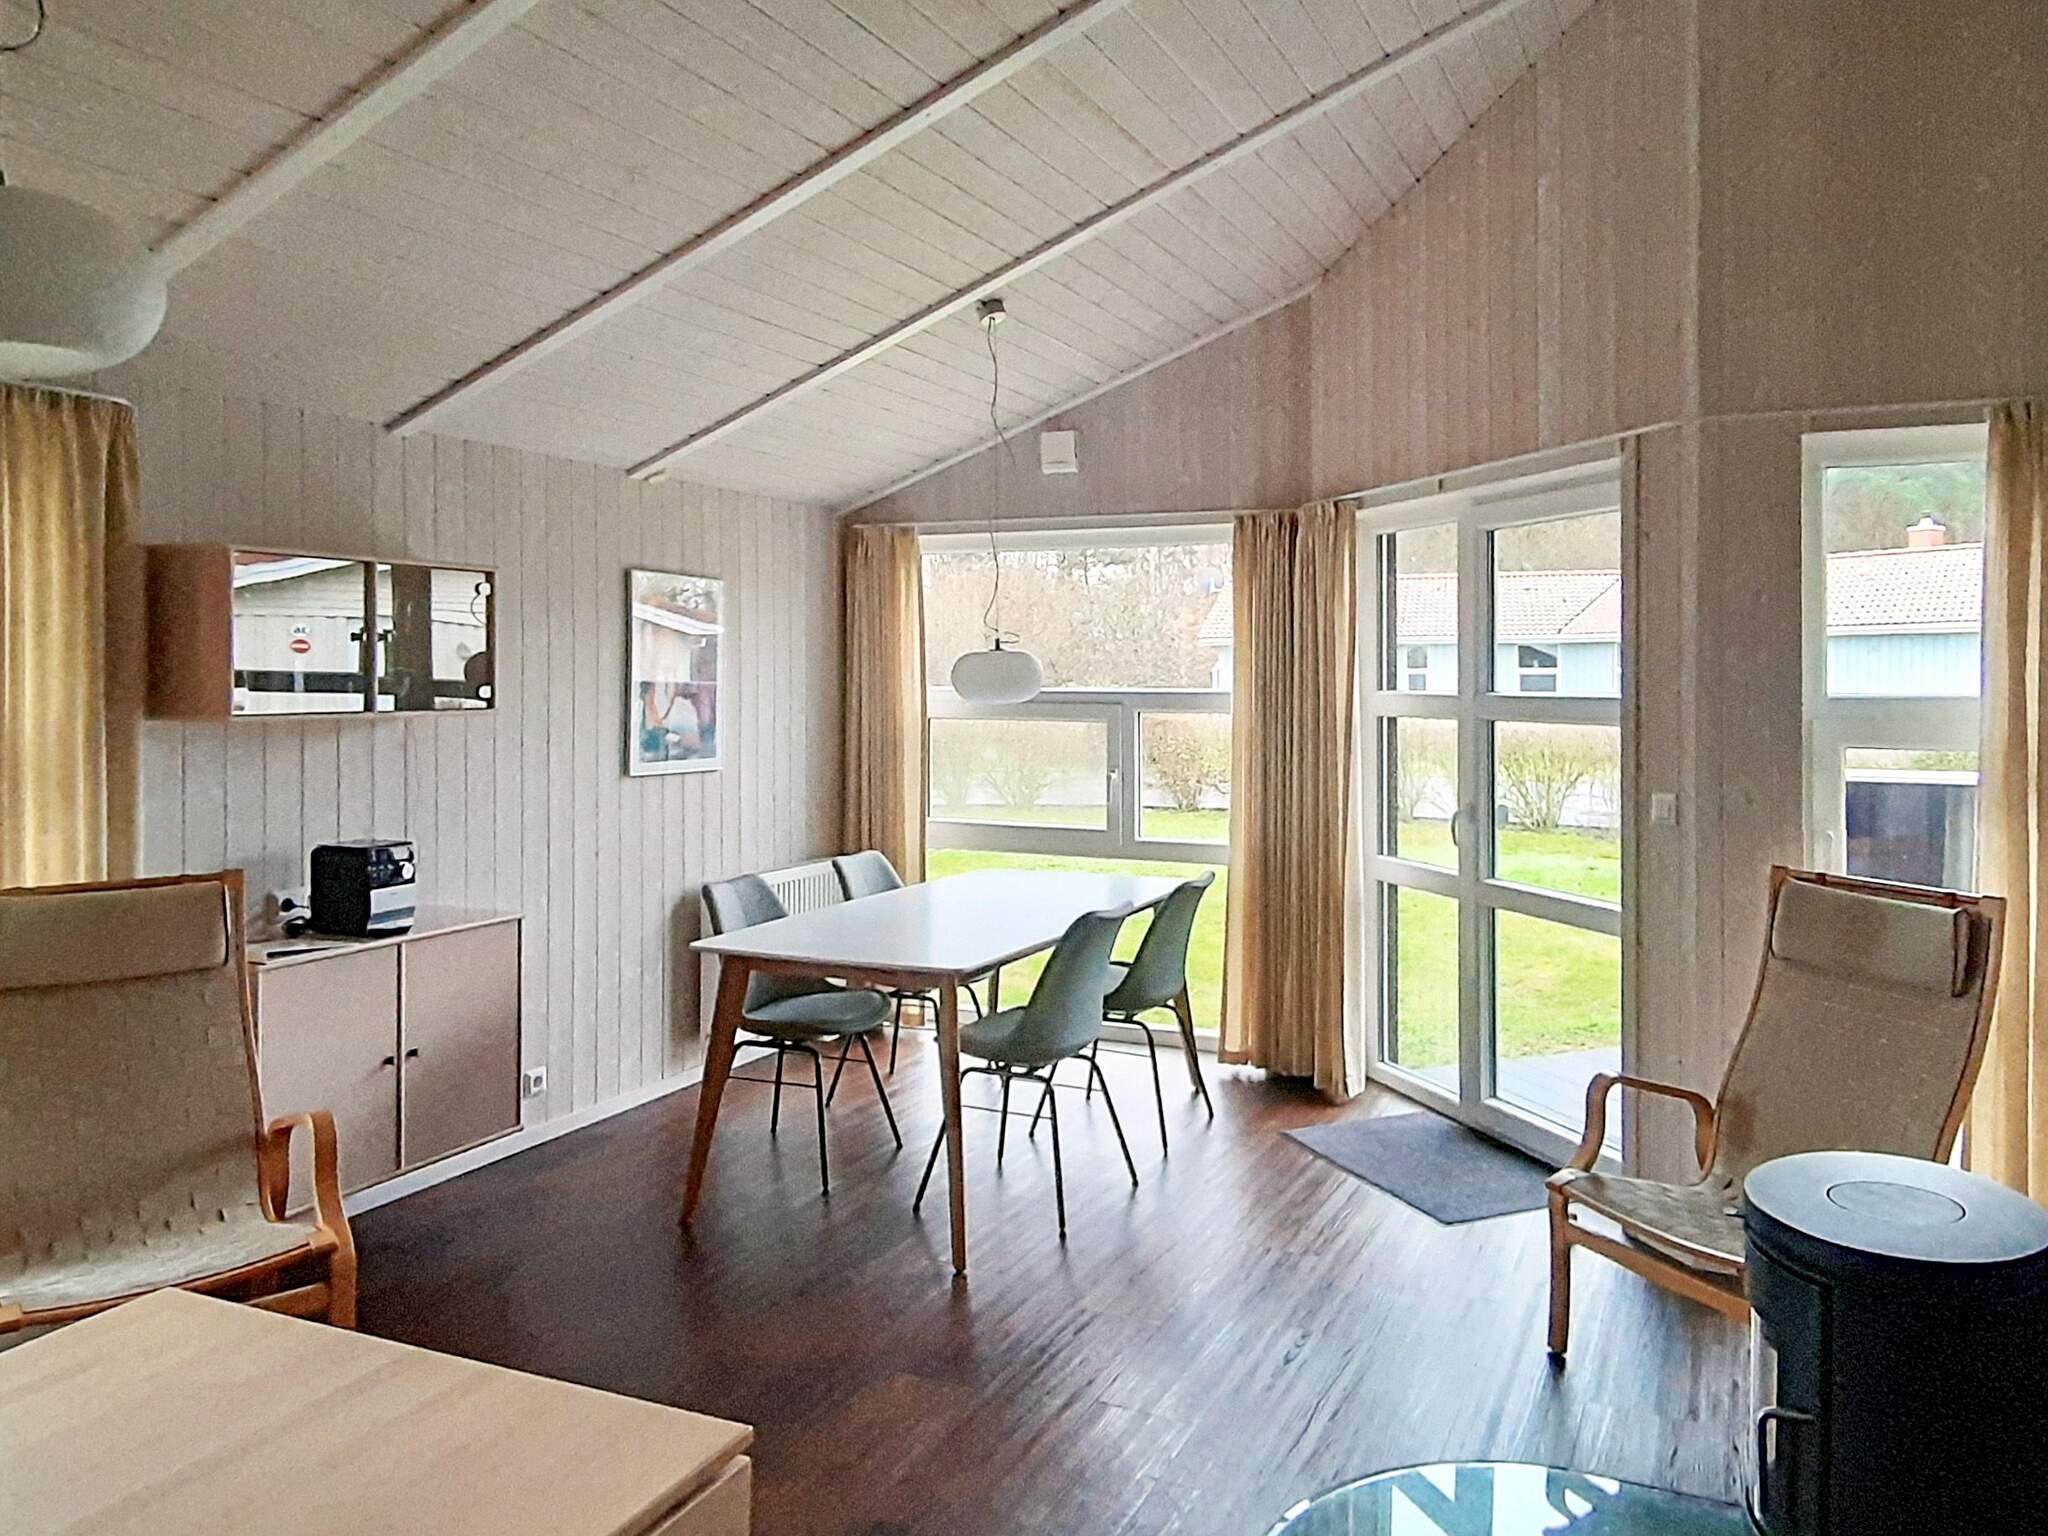 Maison de vacances Grömitz (332024), Grömitz, Baie de Lübeck, Schleswig-Holstein, Allemagne, image 2